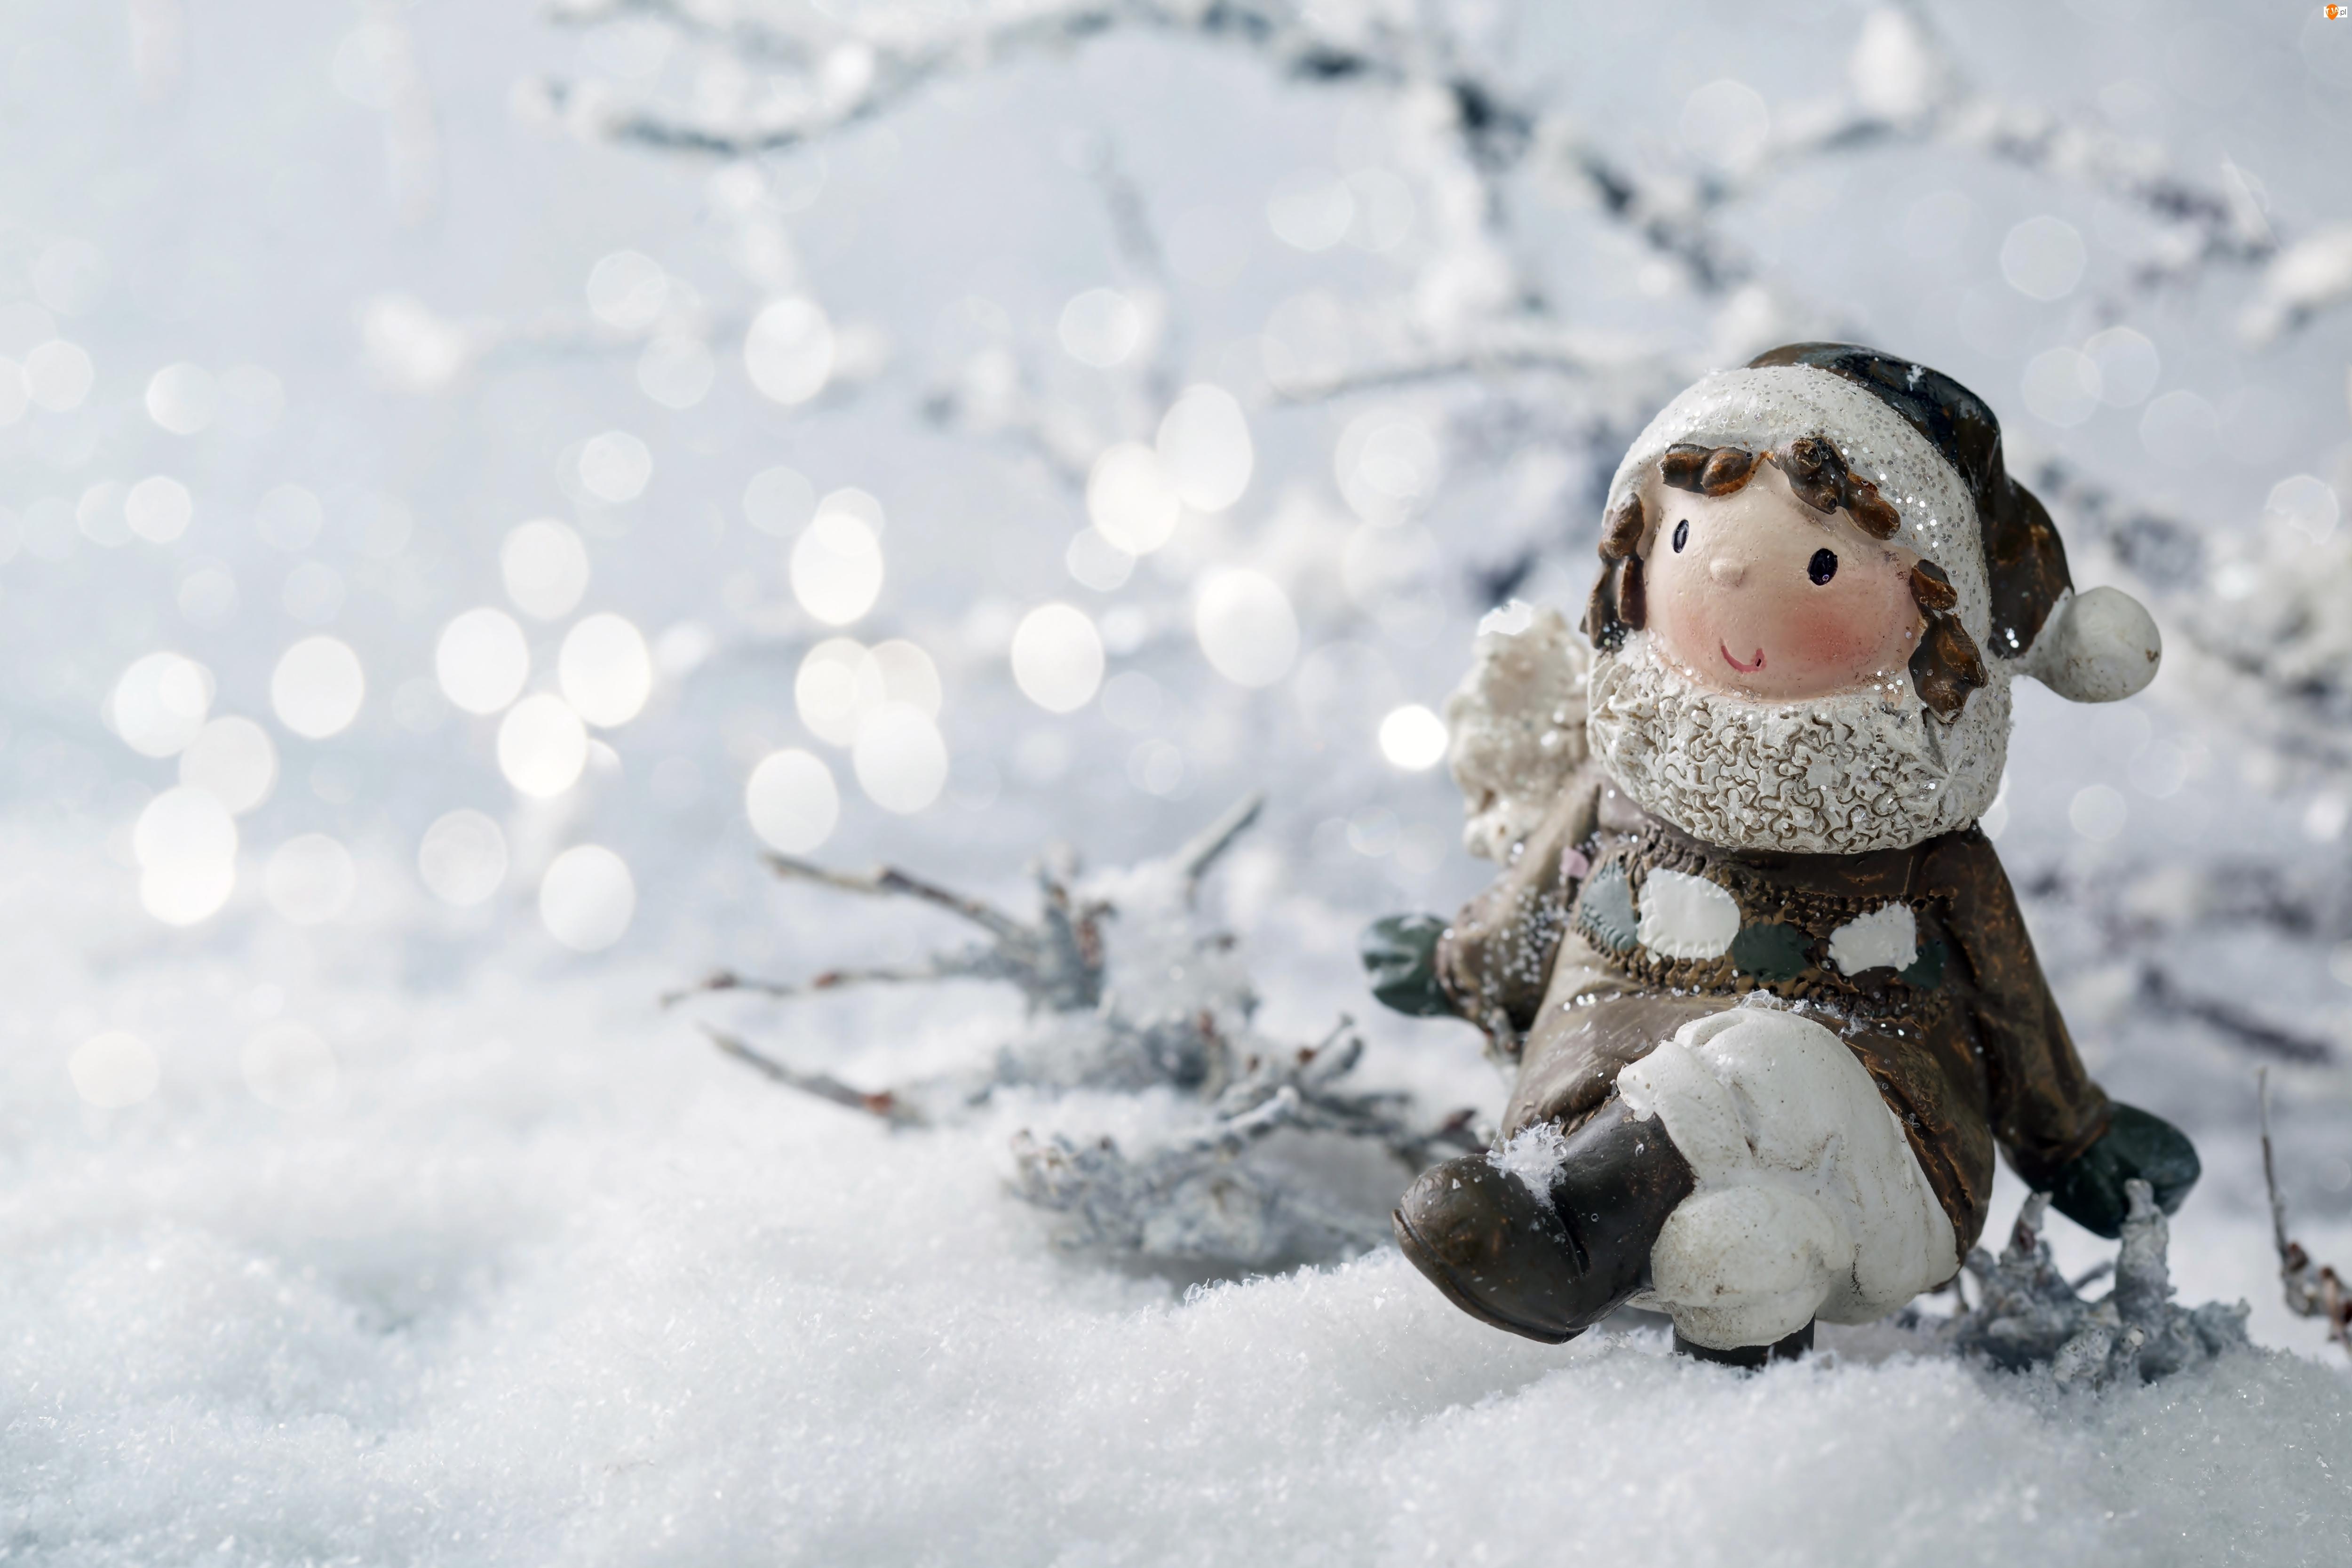 Figurka, Zima, Śnieg